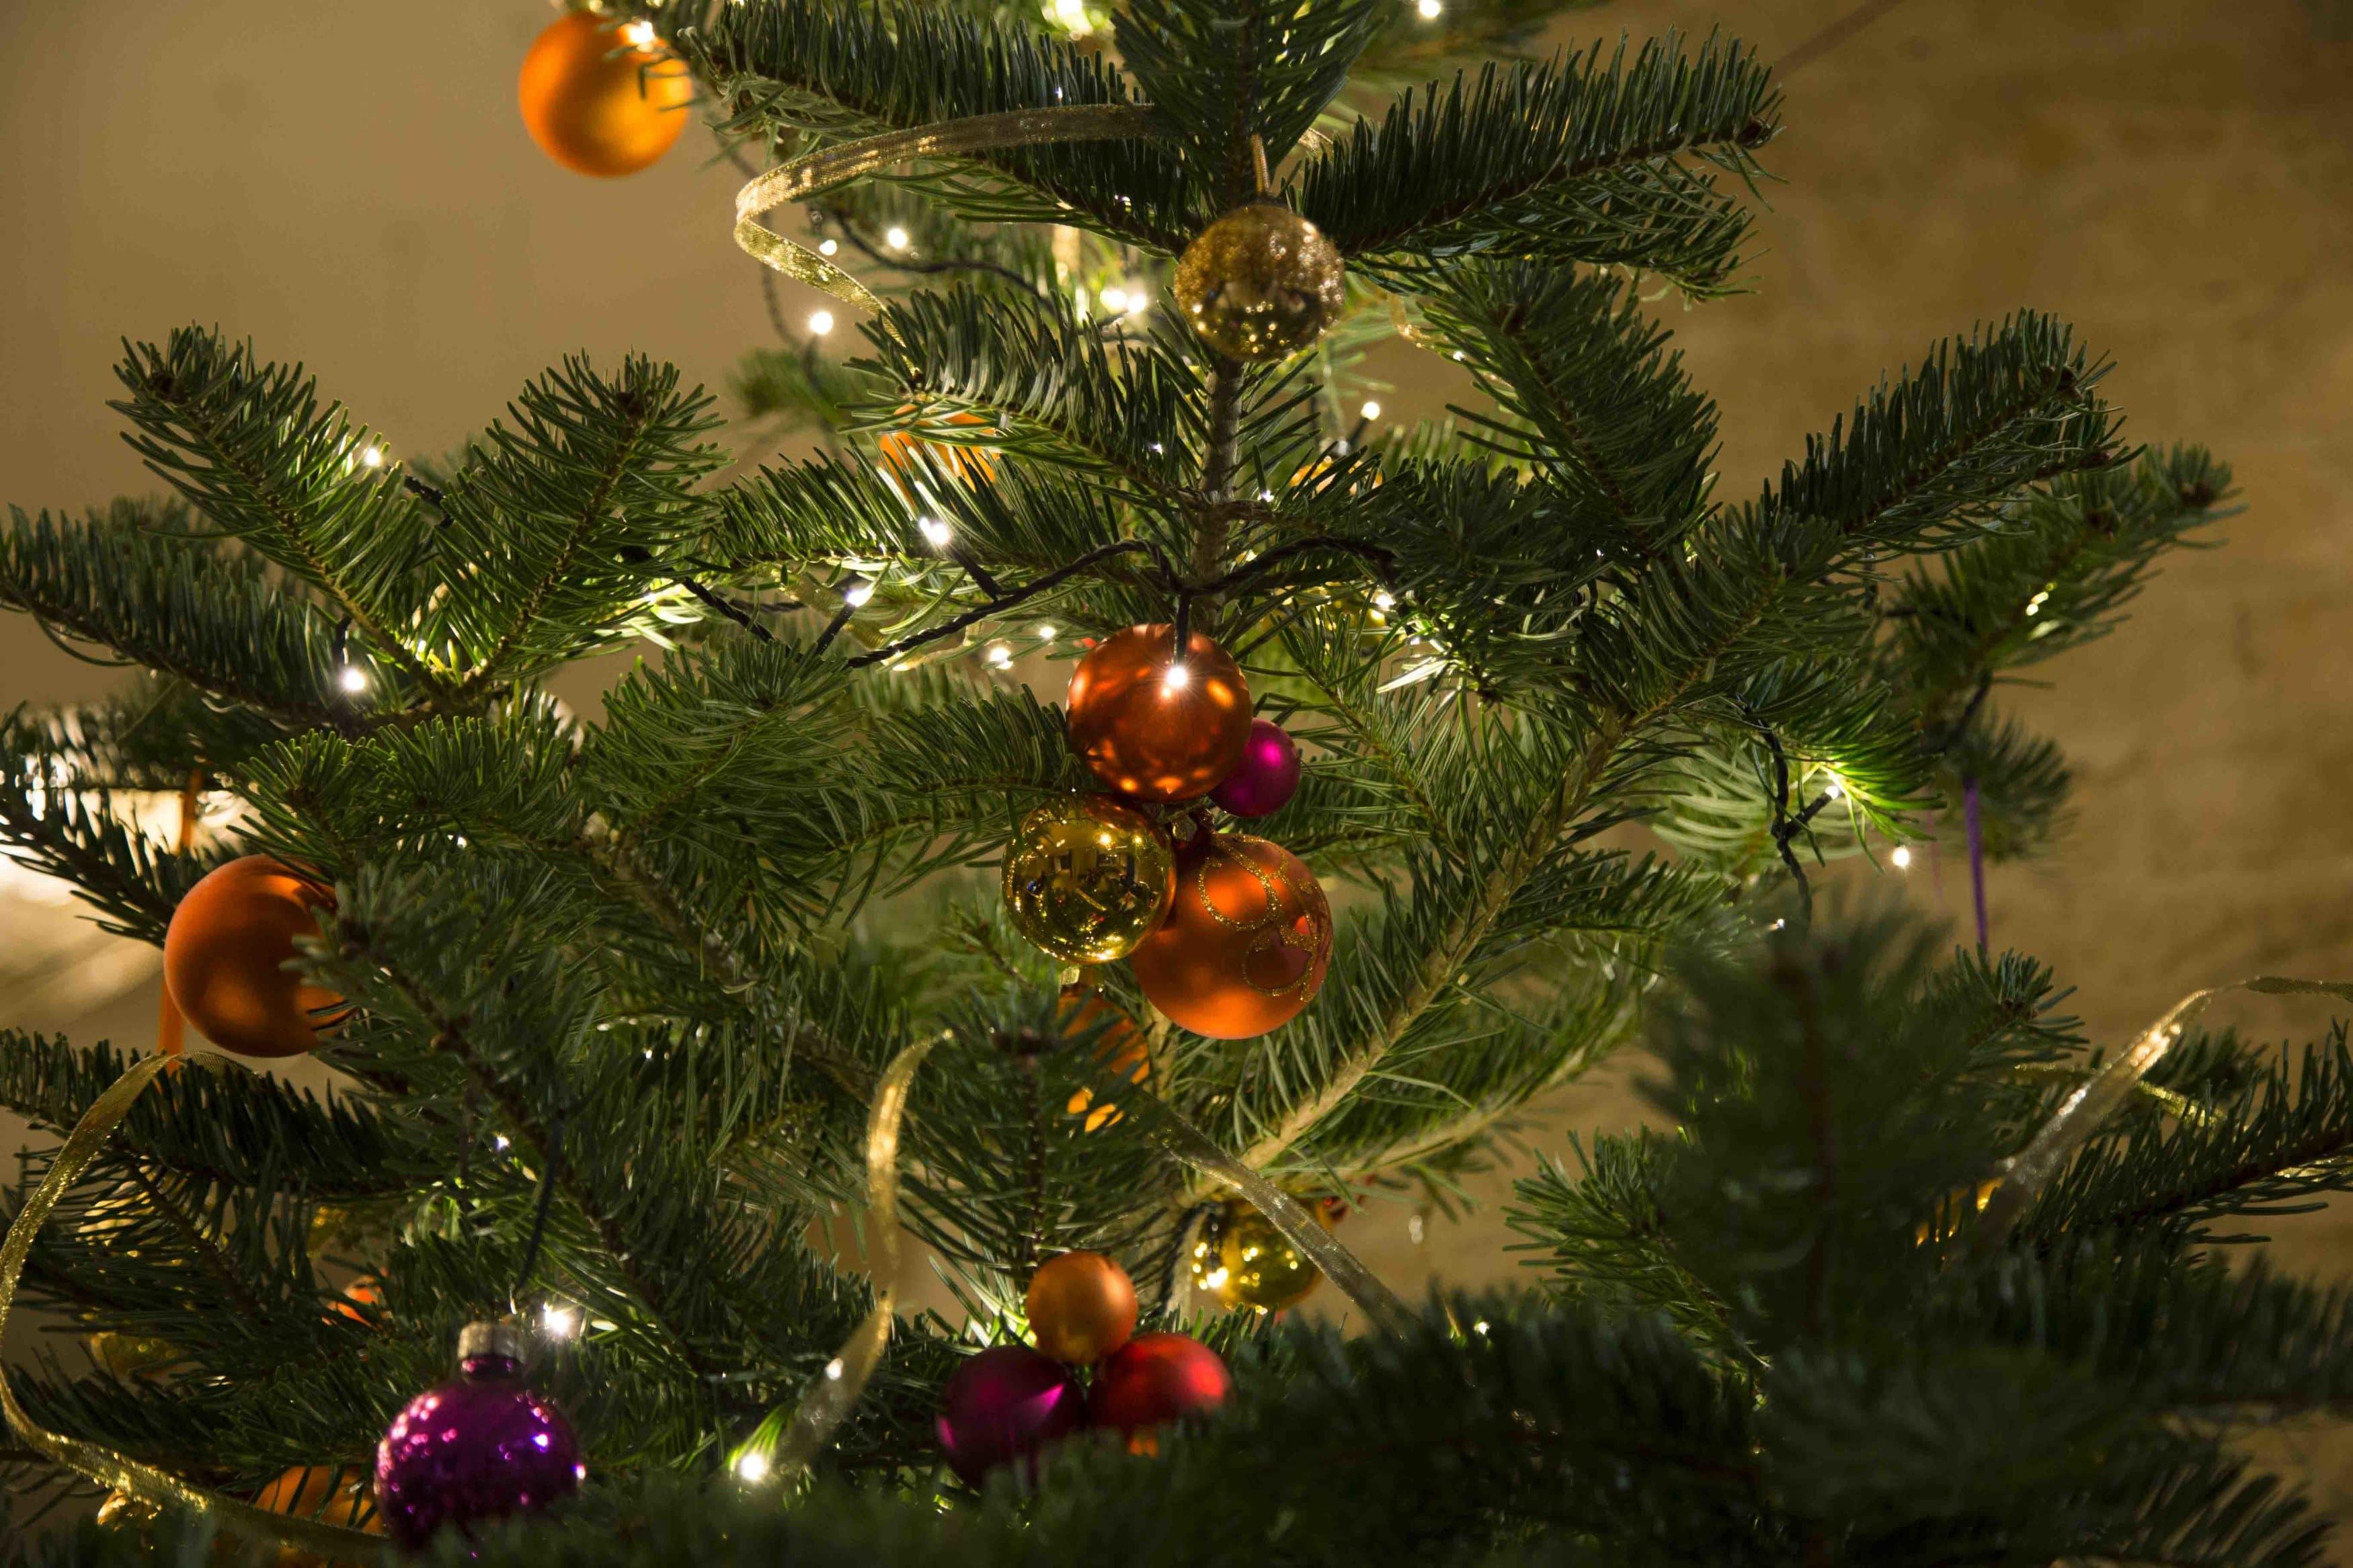 Weihnachtsbaumdekoration, Weihnachtsfest, Weihnachtskugeln mieten, Firmenfeier, Weihnachtsbaumkugel mieten